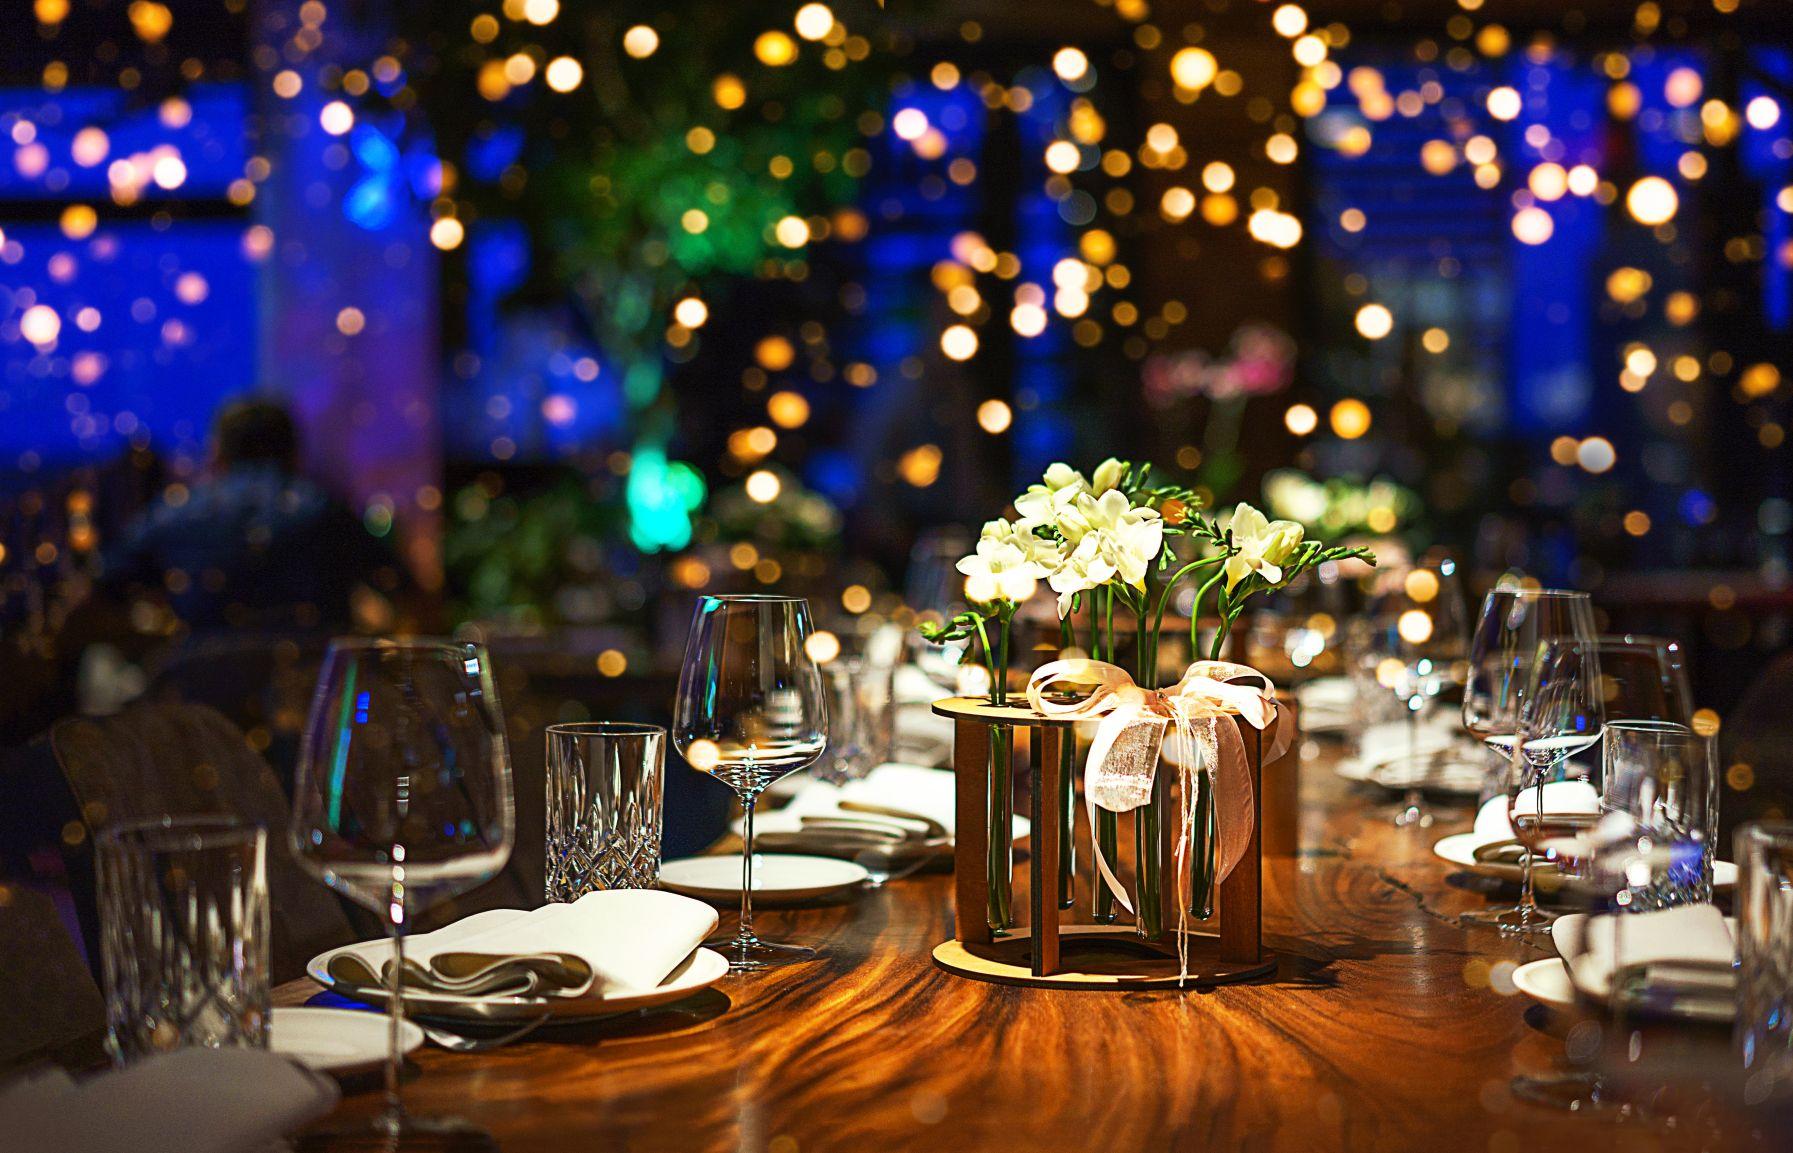 Tisch schön eingedeckt